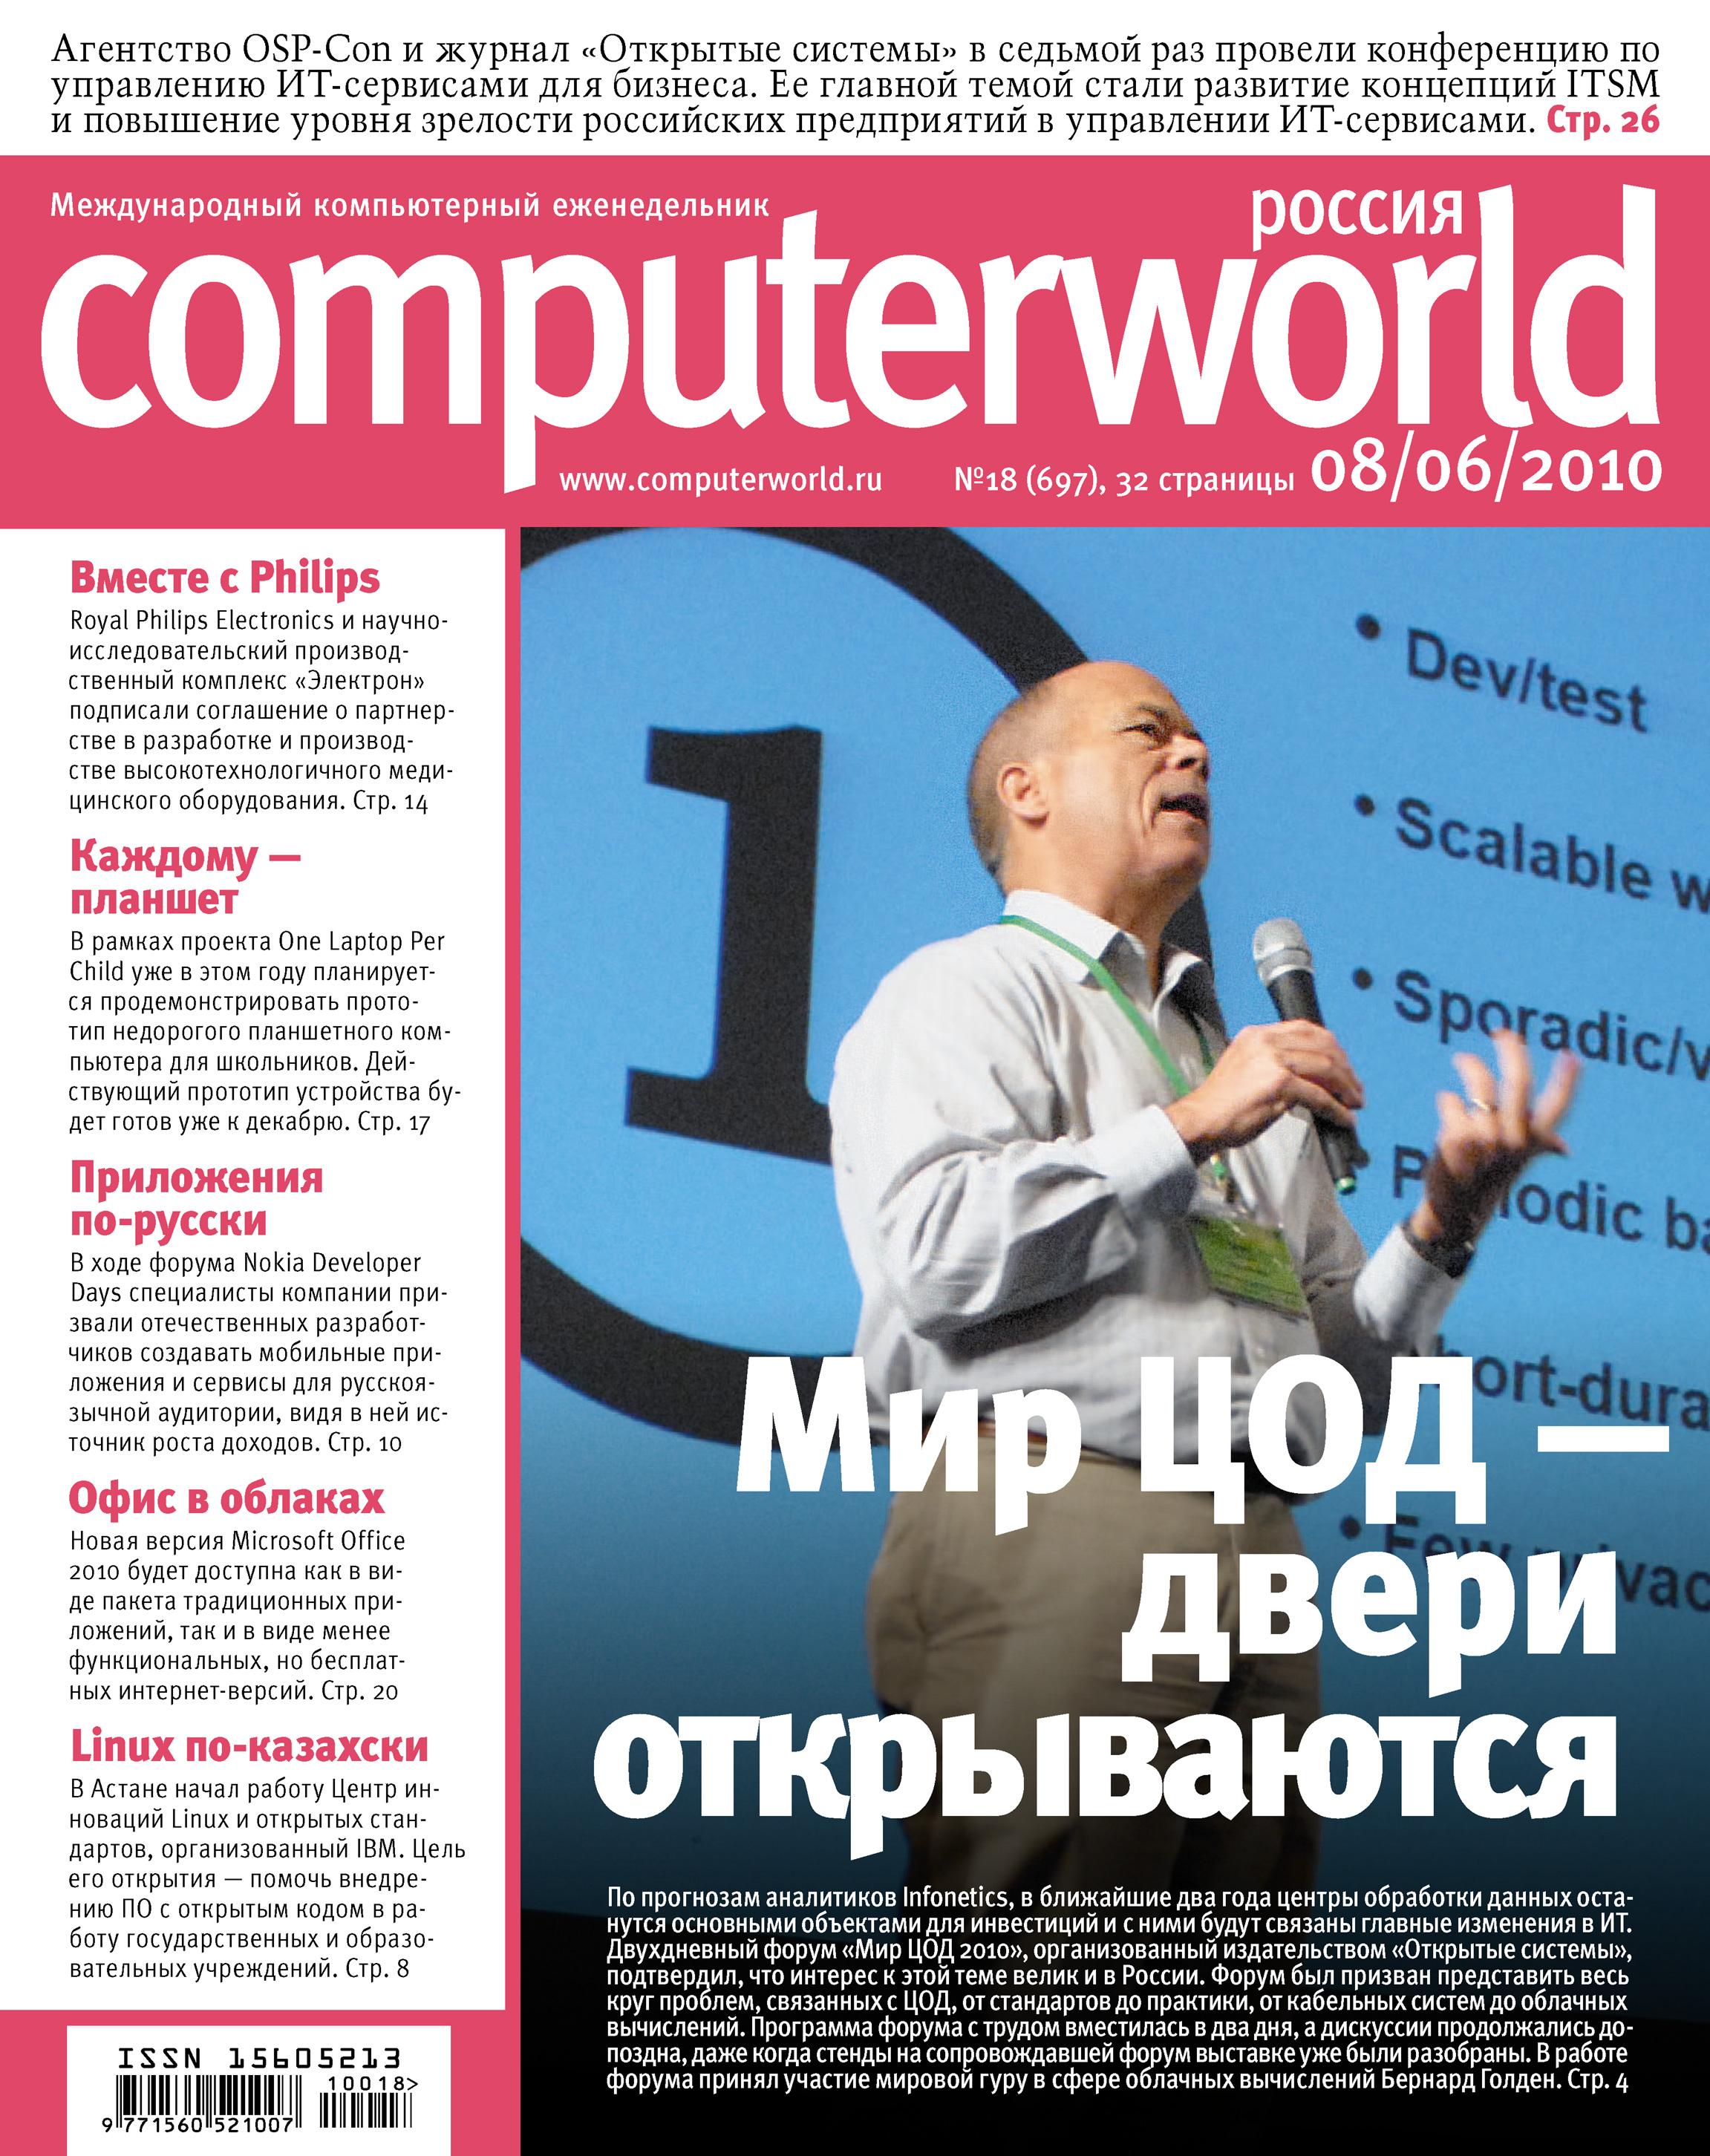 Открытые системы Журнал Computerworld Россия №18/2010 открытые системы журнал computerworld россия 28 2010